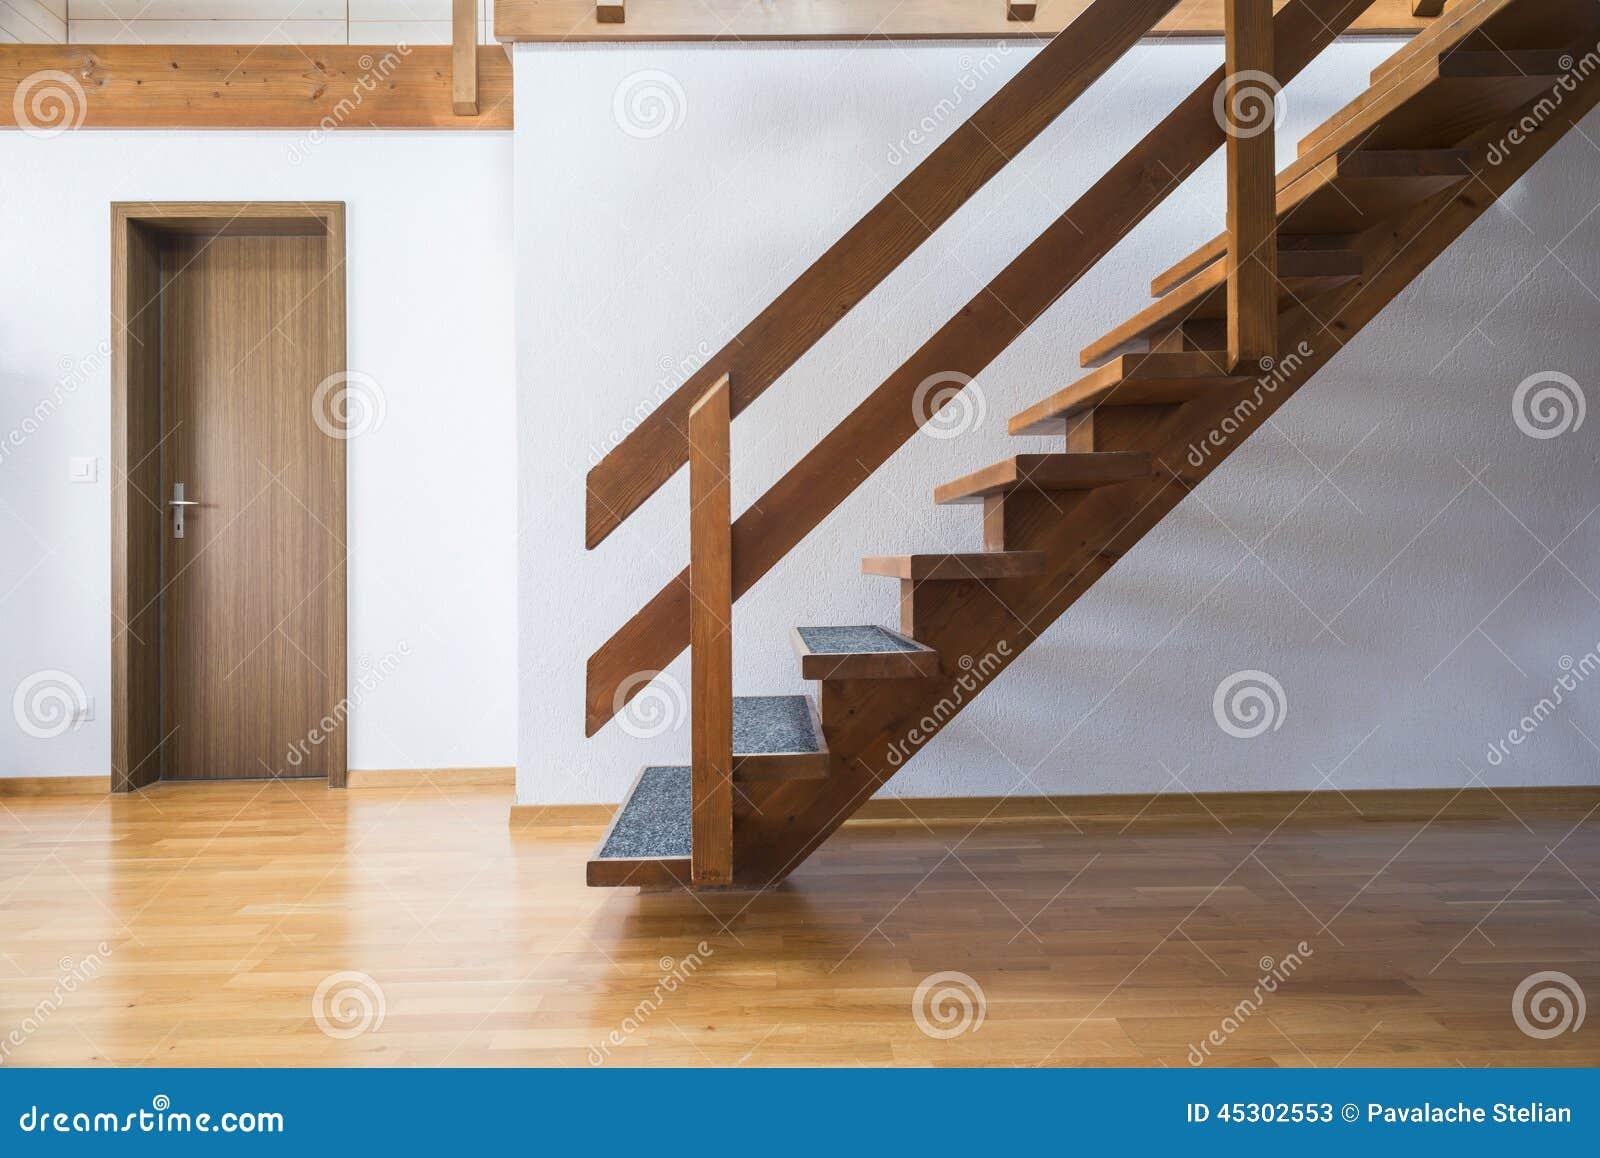 treppe zum dachboden stockbild bild von haupt unbesetzt. Black Bedroom Furniture Sets. Home Design Ideas